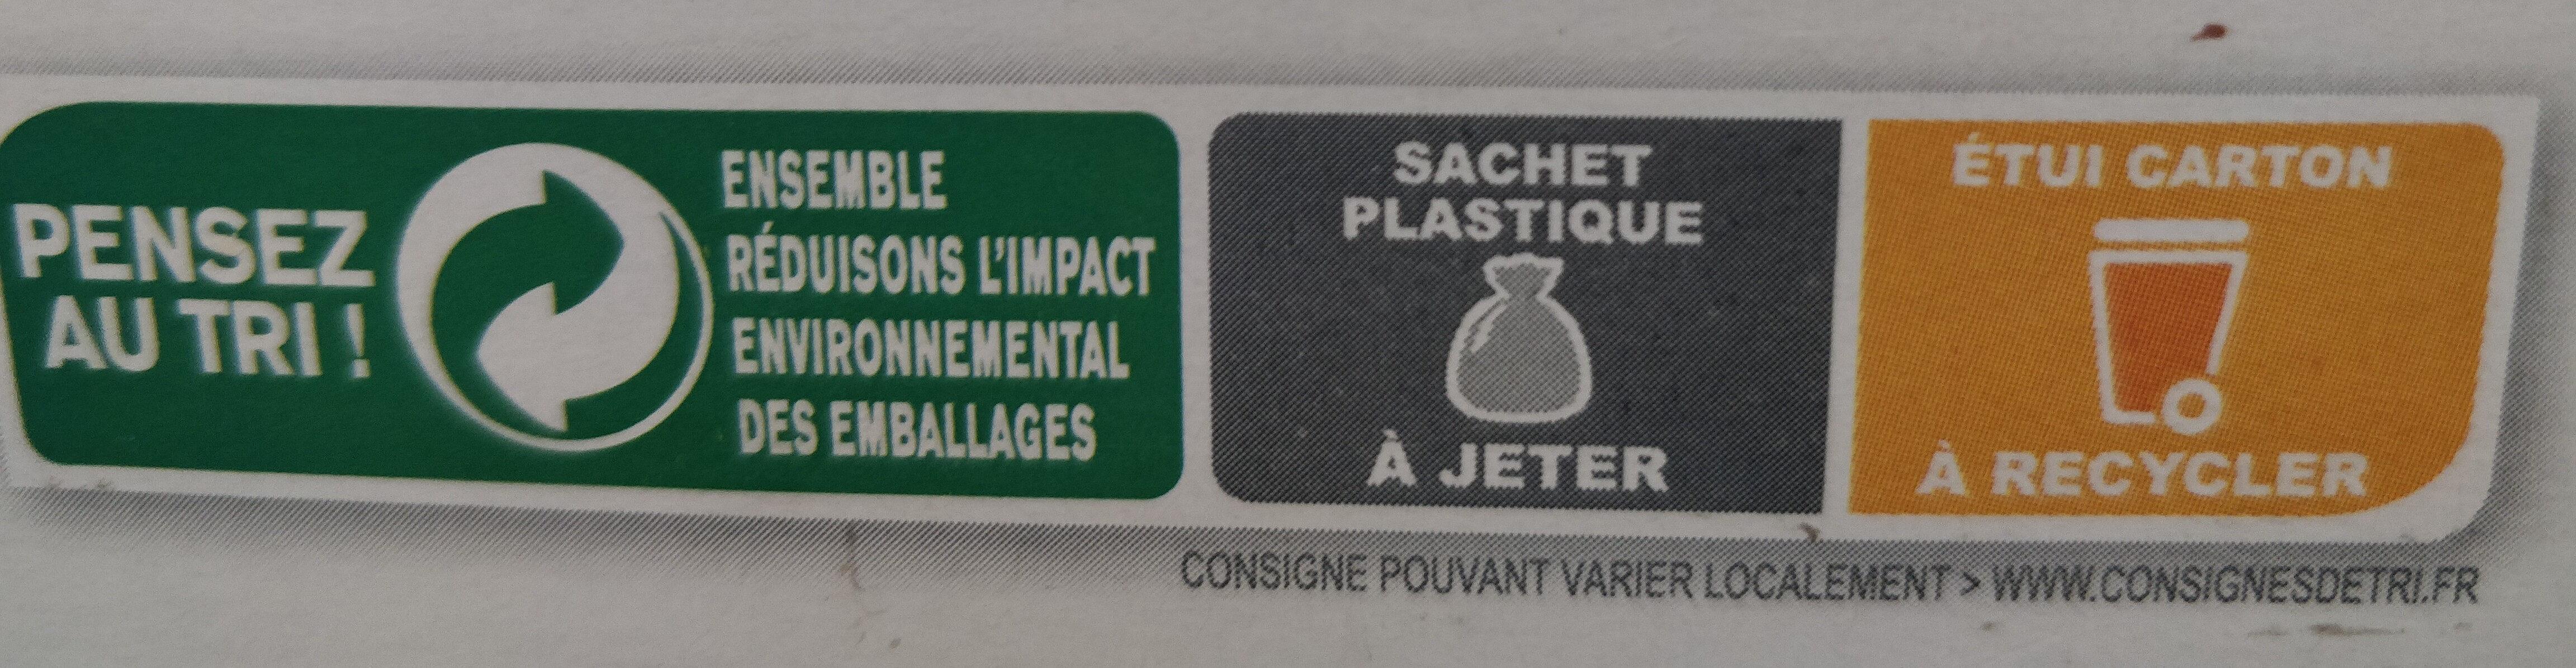 Country Crisp pépites croustillantes & chocolat Noir - Instruction de recyclage et/ou information d'emballage - fr